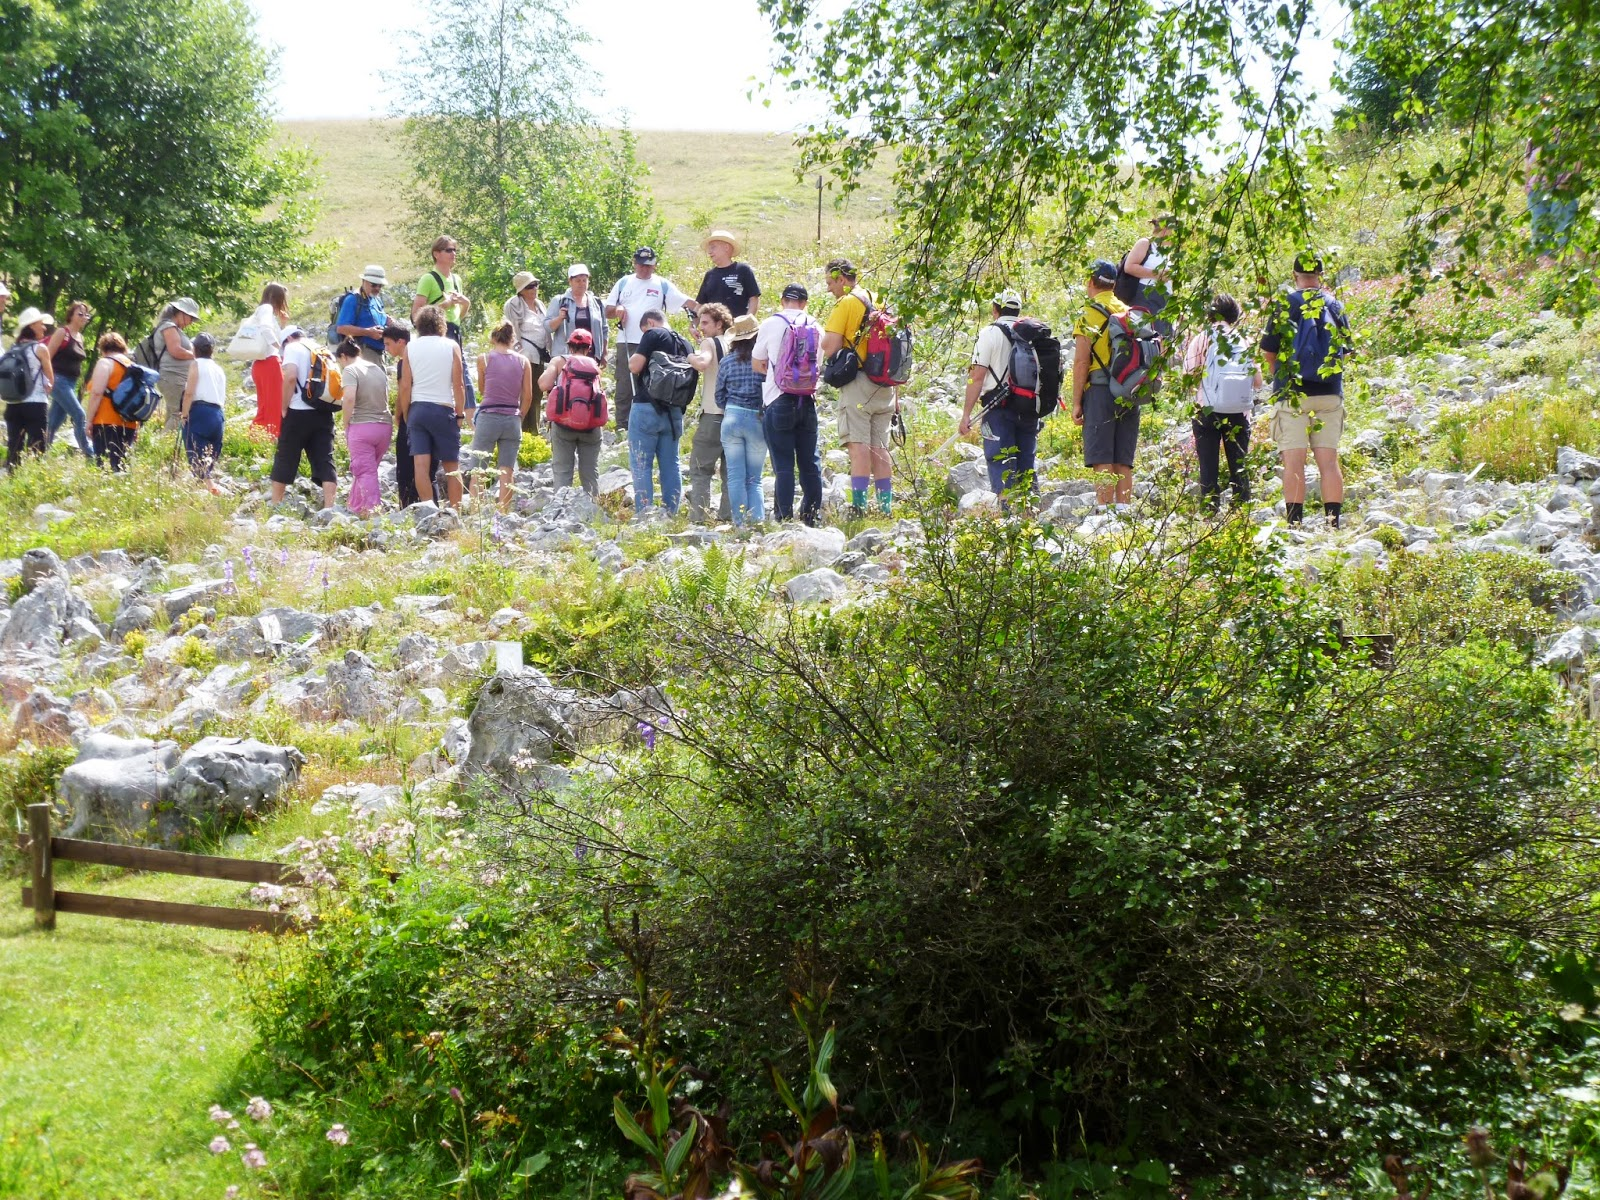 rodiola-rosea-digitale-lutea-giardino-botanico-alpino-del-monte-faverghera-nevegal-belluno-vittorio-alberti